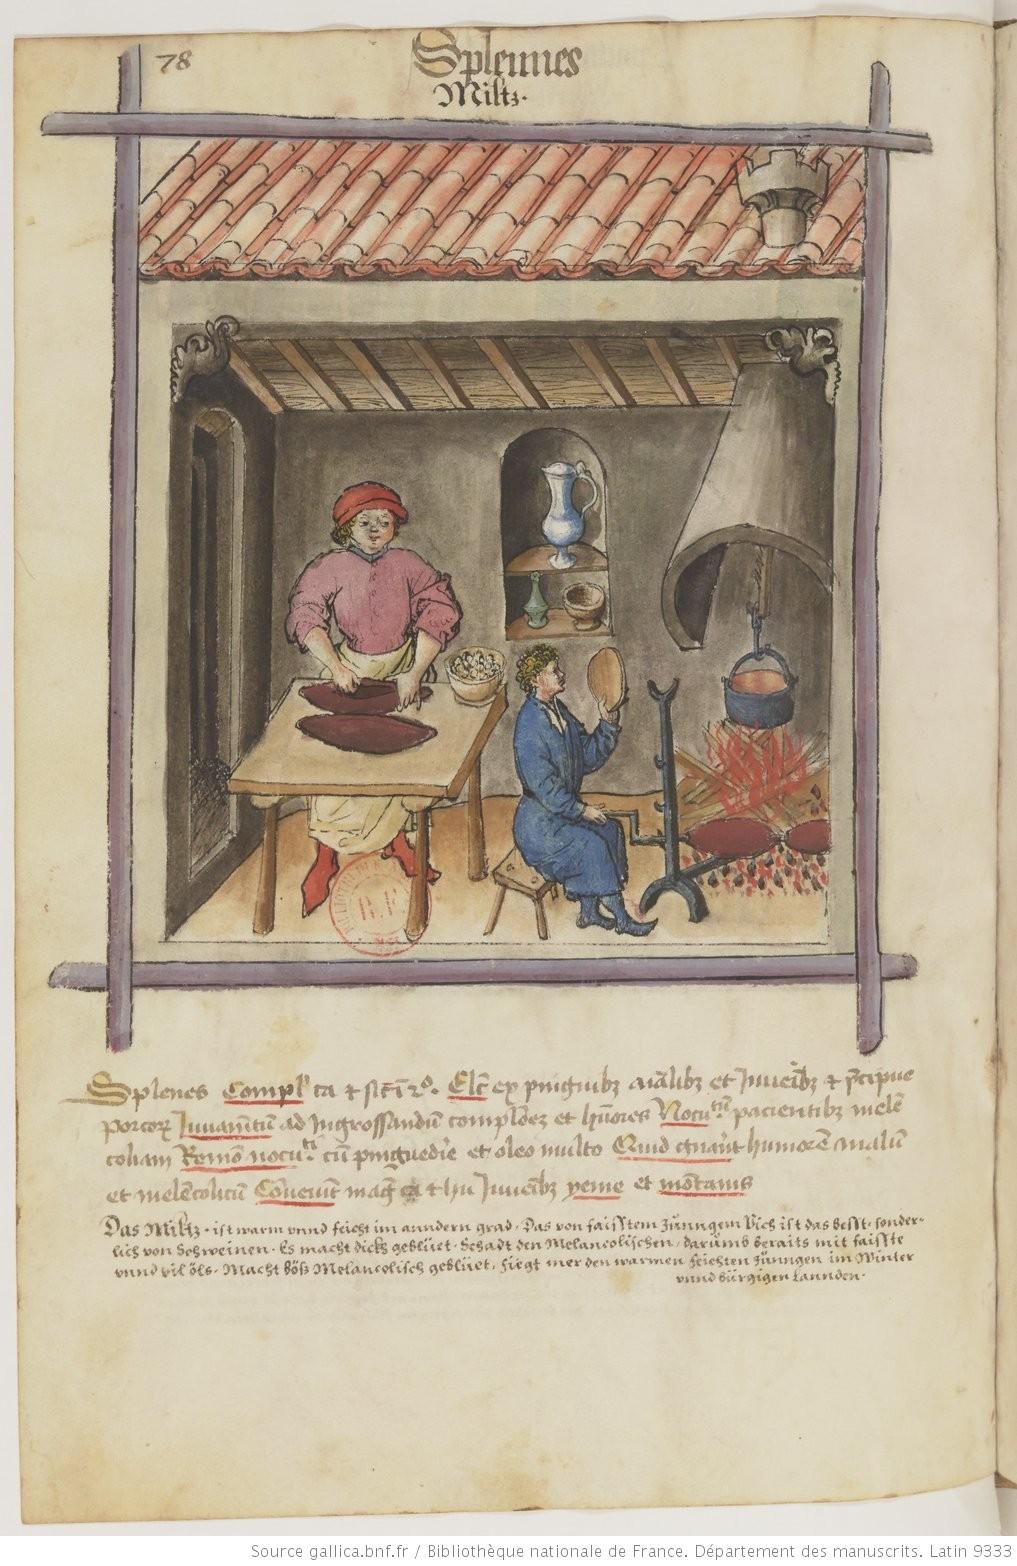 法國國家圖書館  BnF  珍藏的 15 世紀手抄本《 Tacuinum Sanitatis 》(《 健康全書 》, Ibn Butlan )中關於「apprenti pâtissier」(糕點學徒)的插畫。圖中右手邊坐在柴火旁的便是一個年輕的糕點學徒,他正在店後方的廚房裡煮著禽類的肫,準備當成餡餅(pâté)的內餡。(圖片來源: gallica.bnf.fr  / Bibliothèque nationale de France)